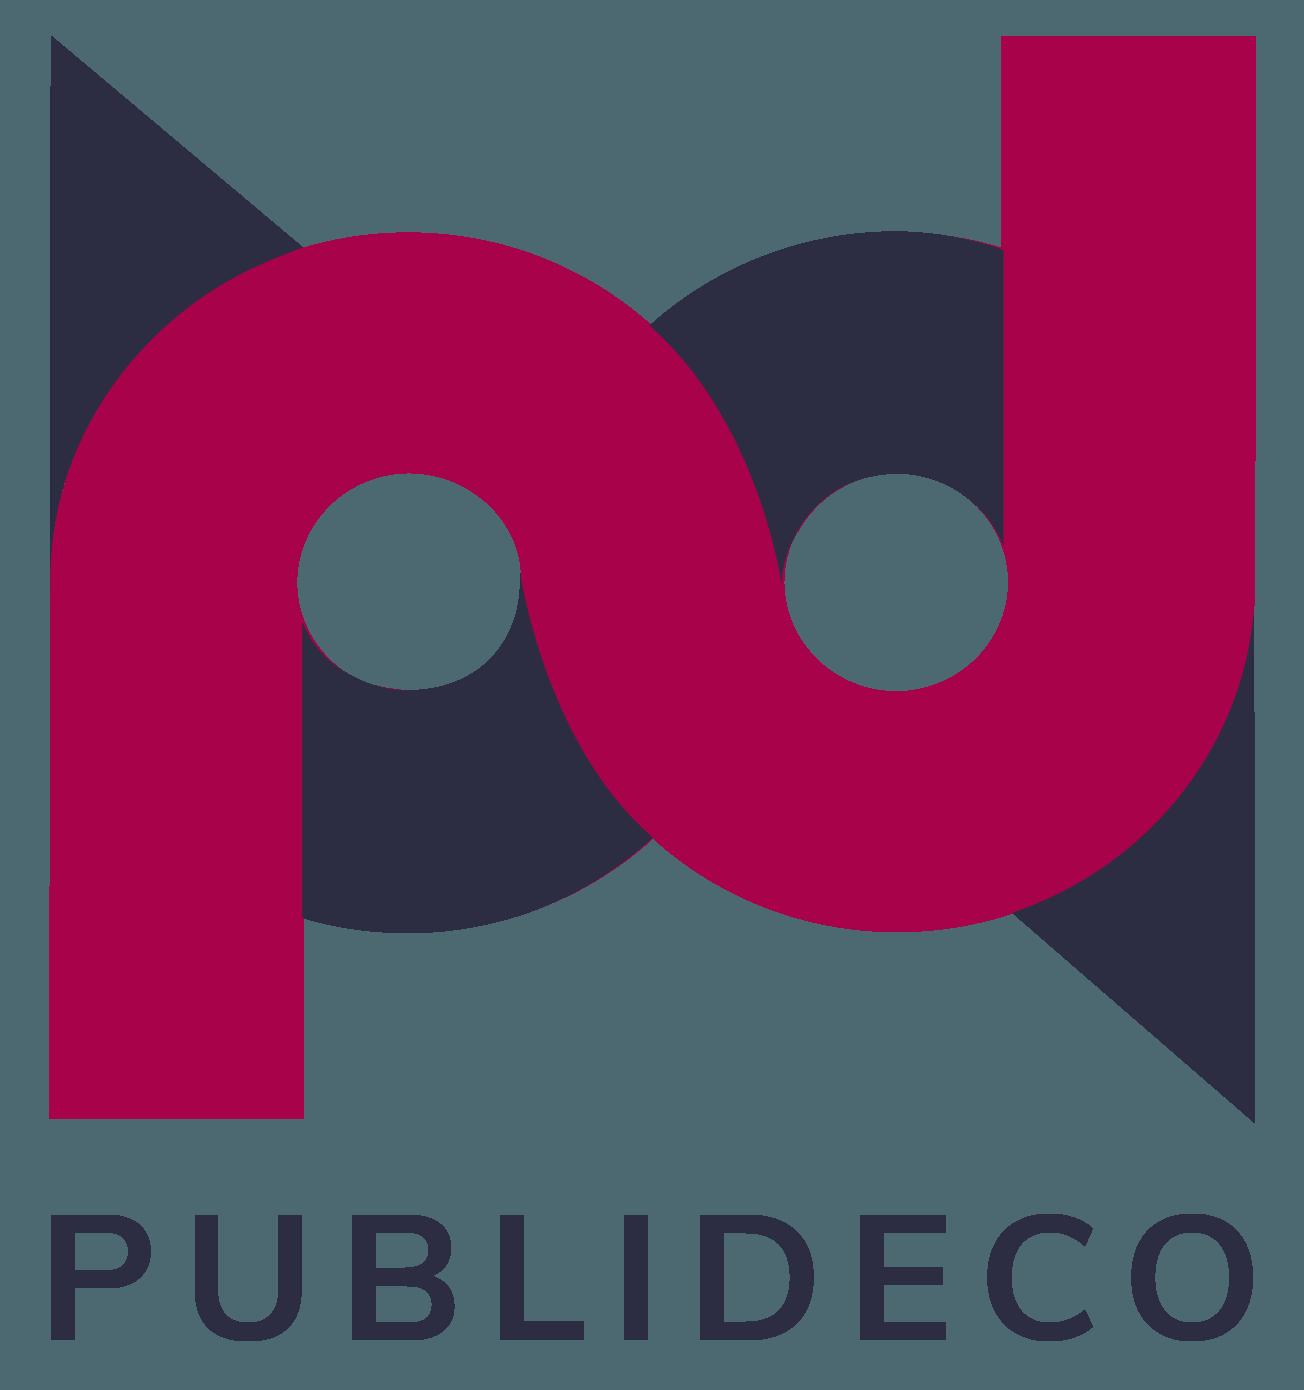 publideco-signaletique-publicite